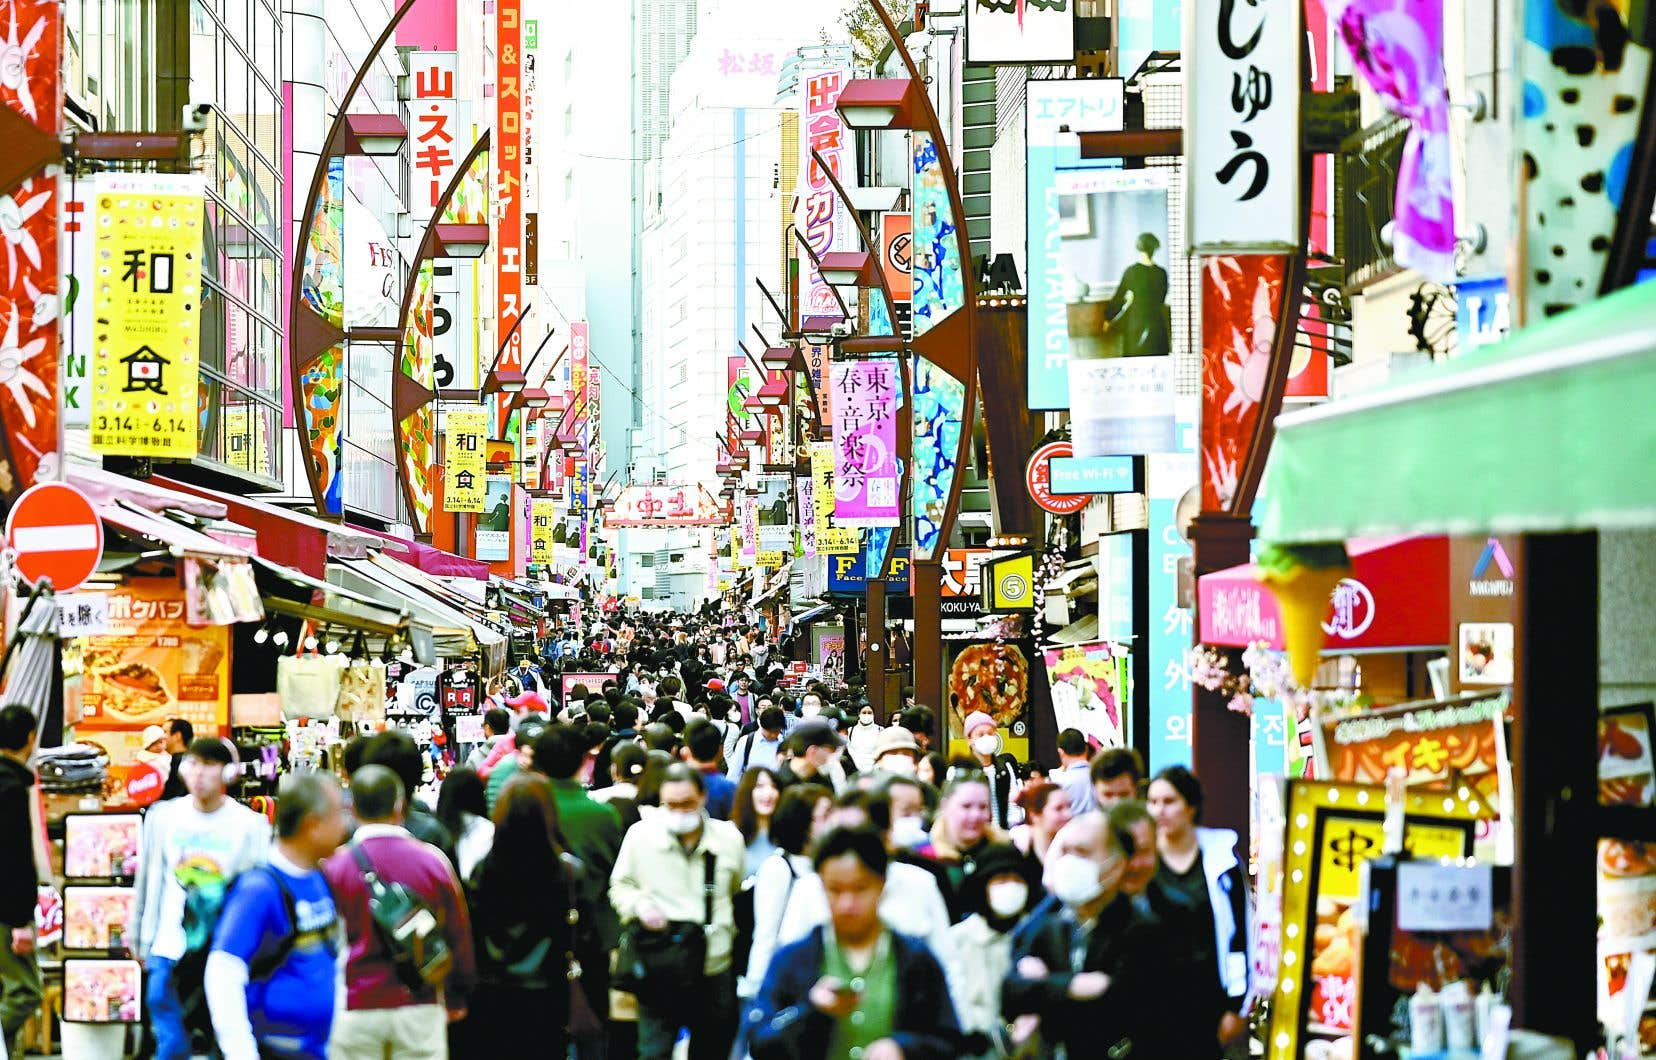 Le Japon est réputé pour des interactions sociales à faibles contacts physiques et pour ses citoyens qui se mettent en isolement naturellement lorsqu'ils ressentent des signes de maladies contagieuses.